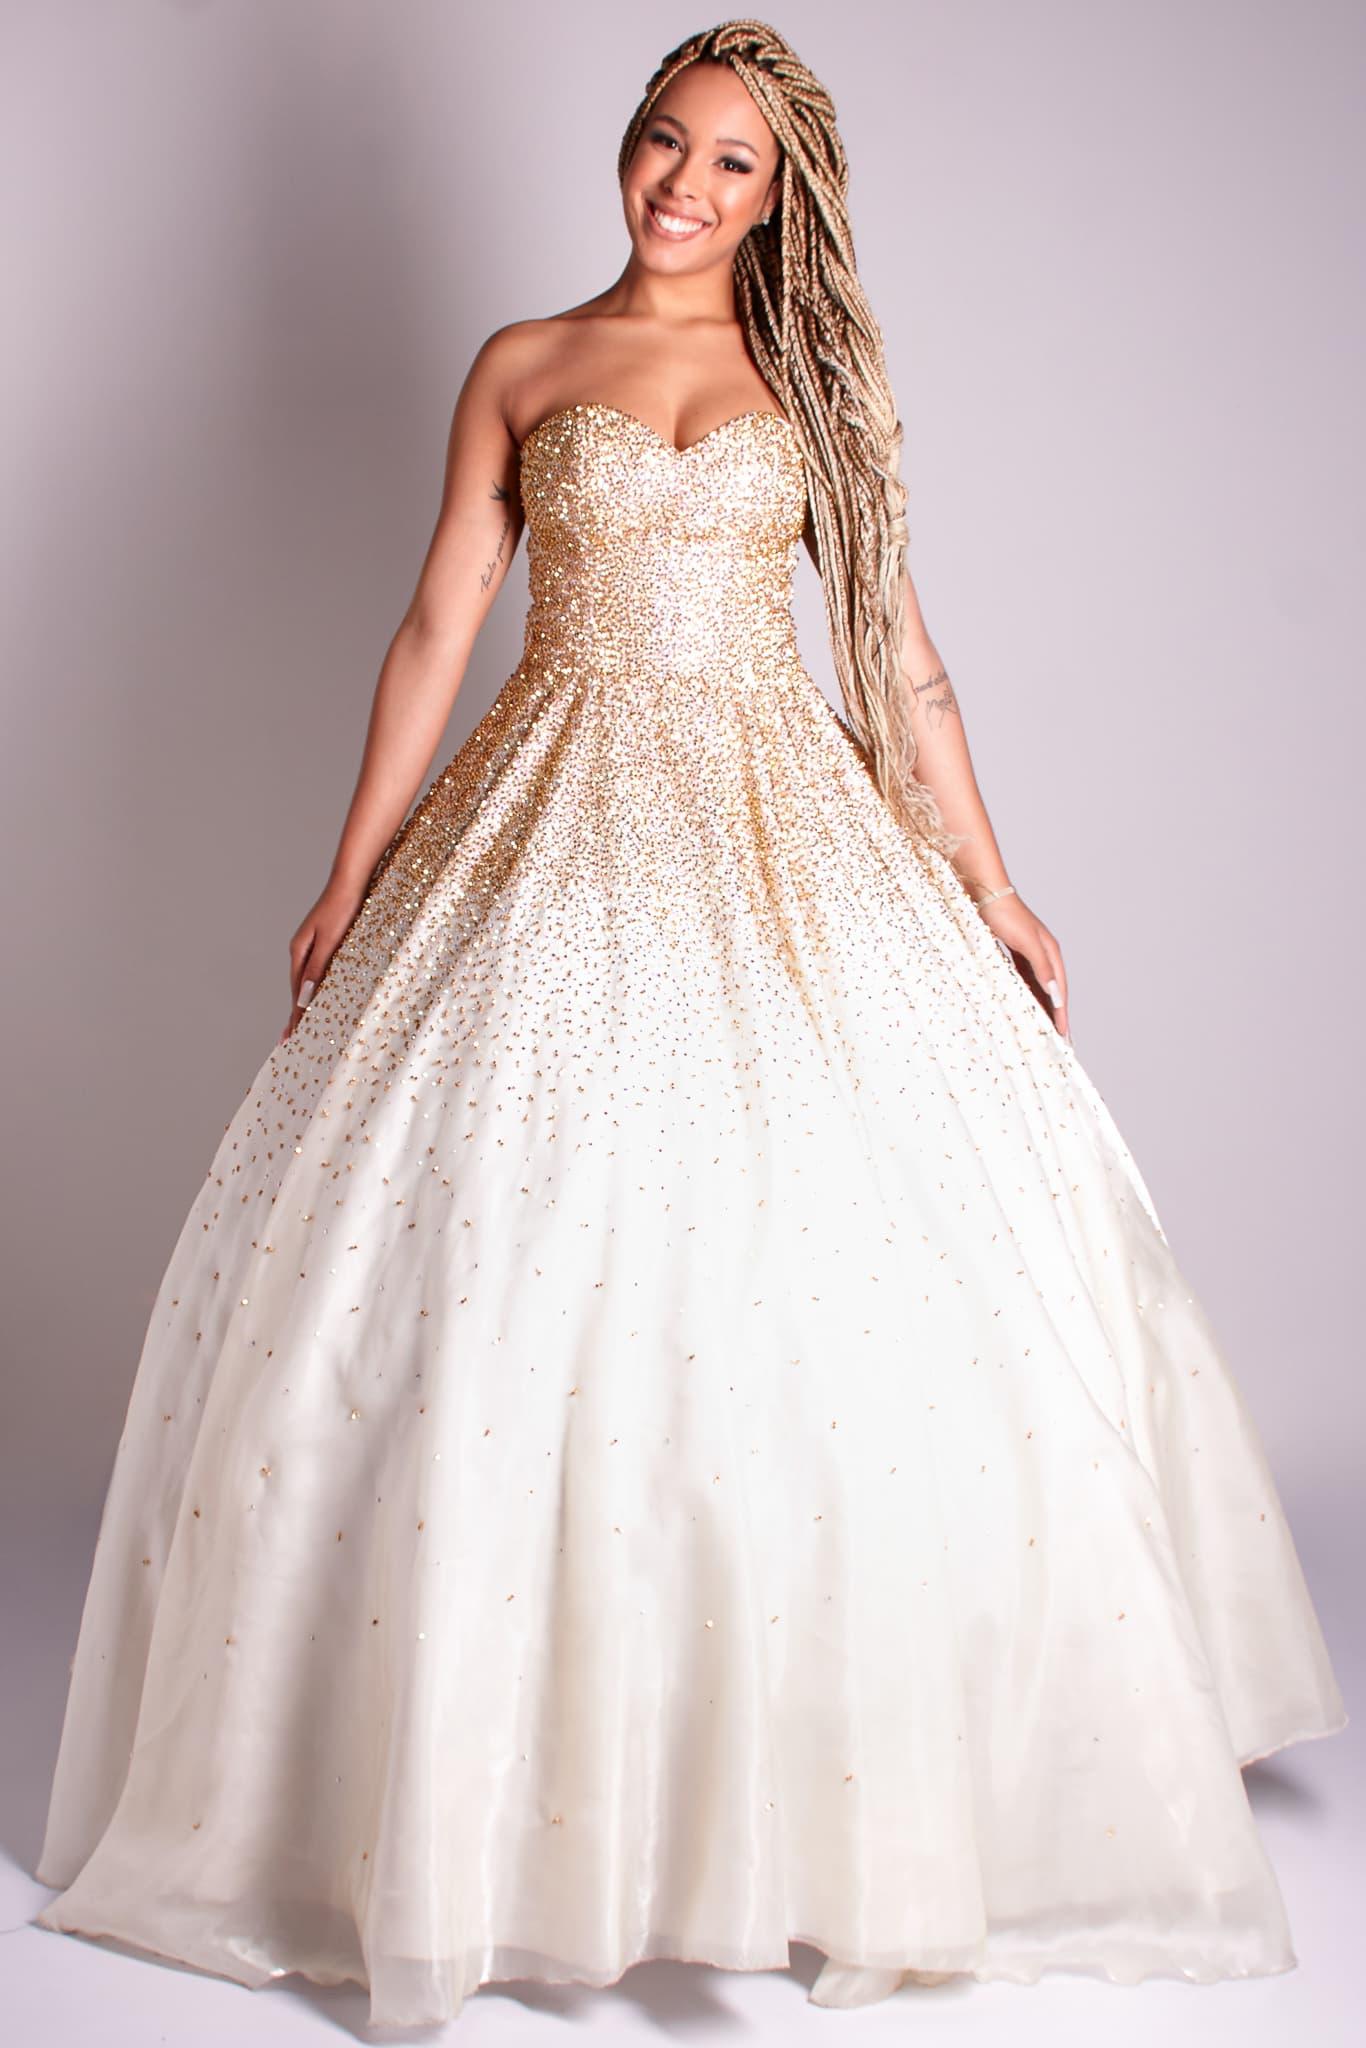 5 - Vestido de valsa offwhite bordado à mão em cristais dourados